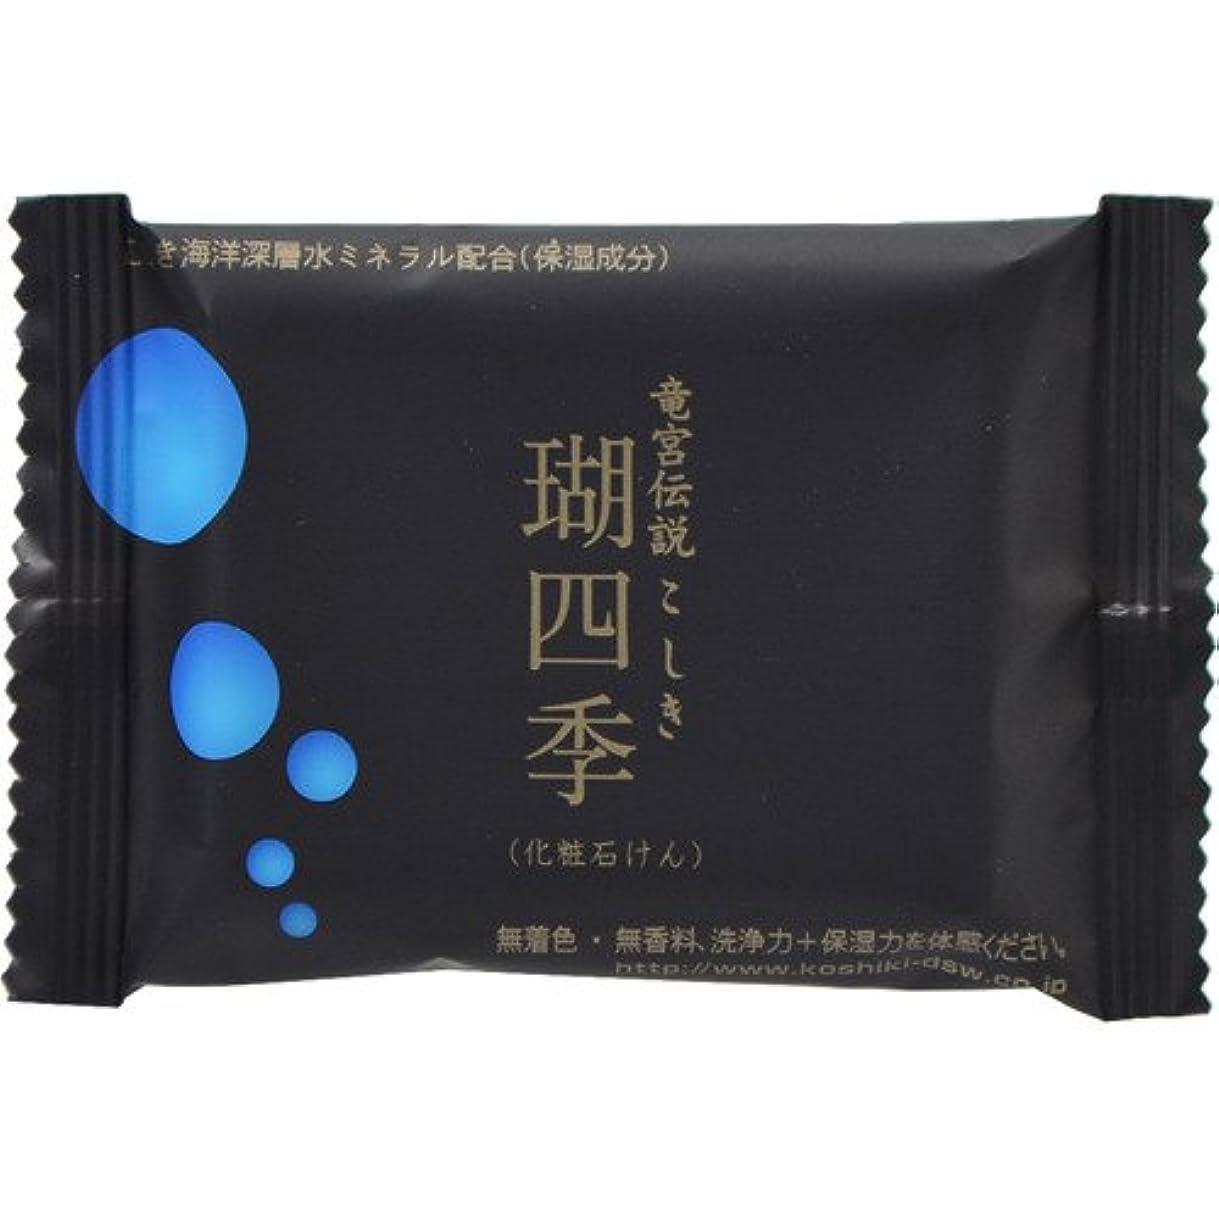 ラップフリース優越瑚四季 化粧石鹸 30g